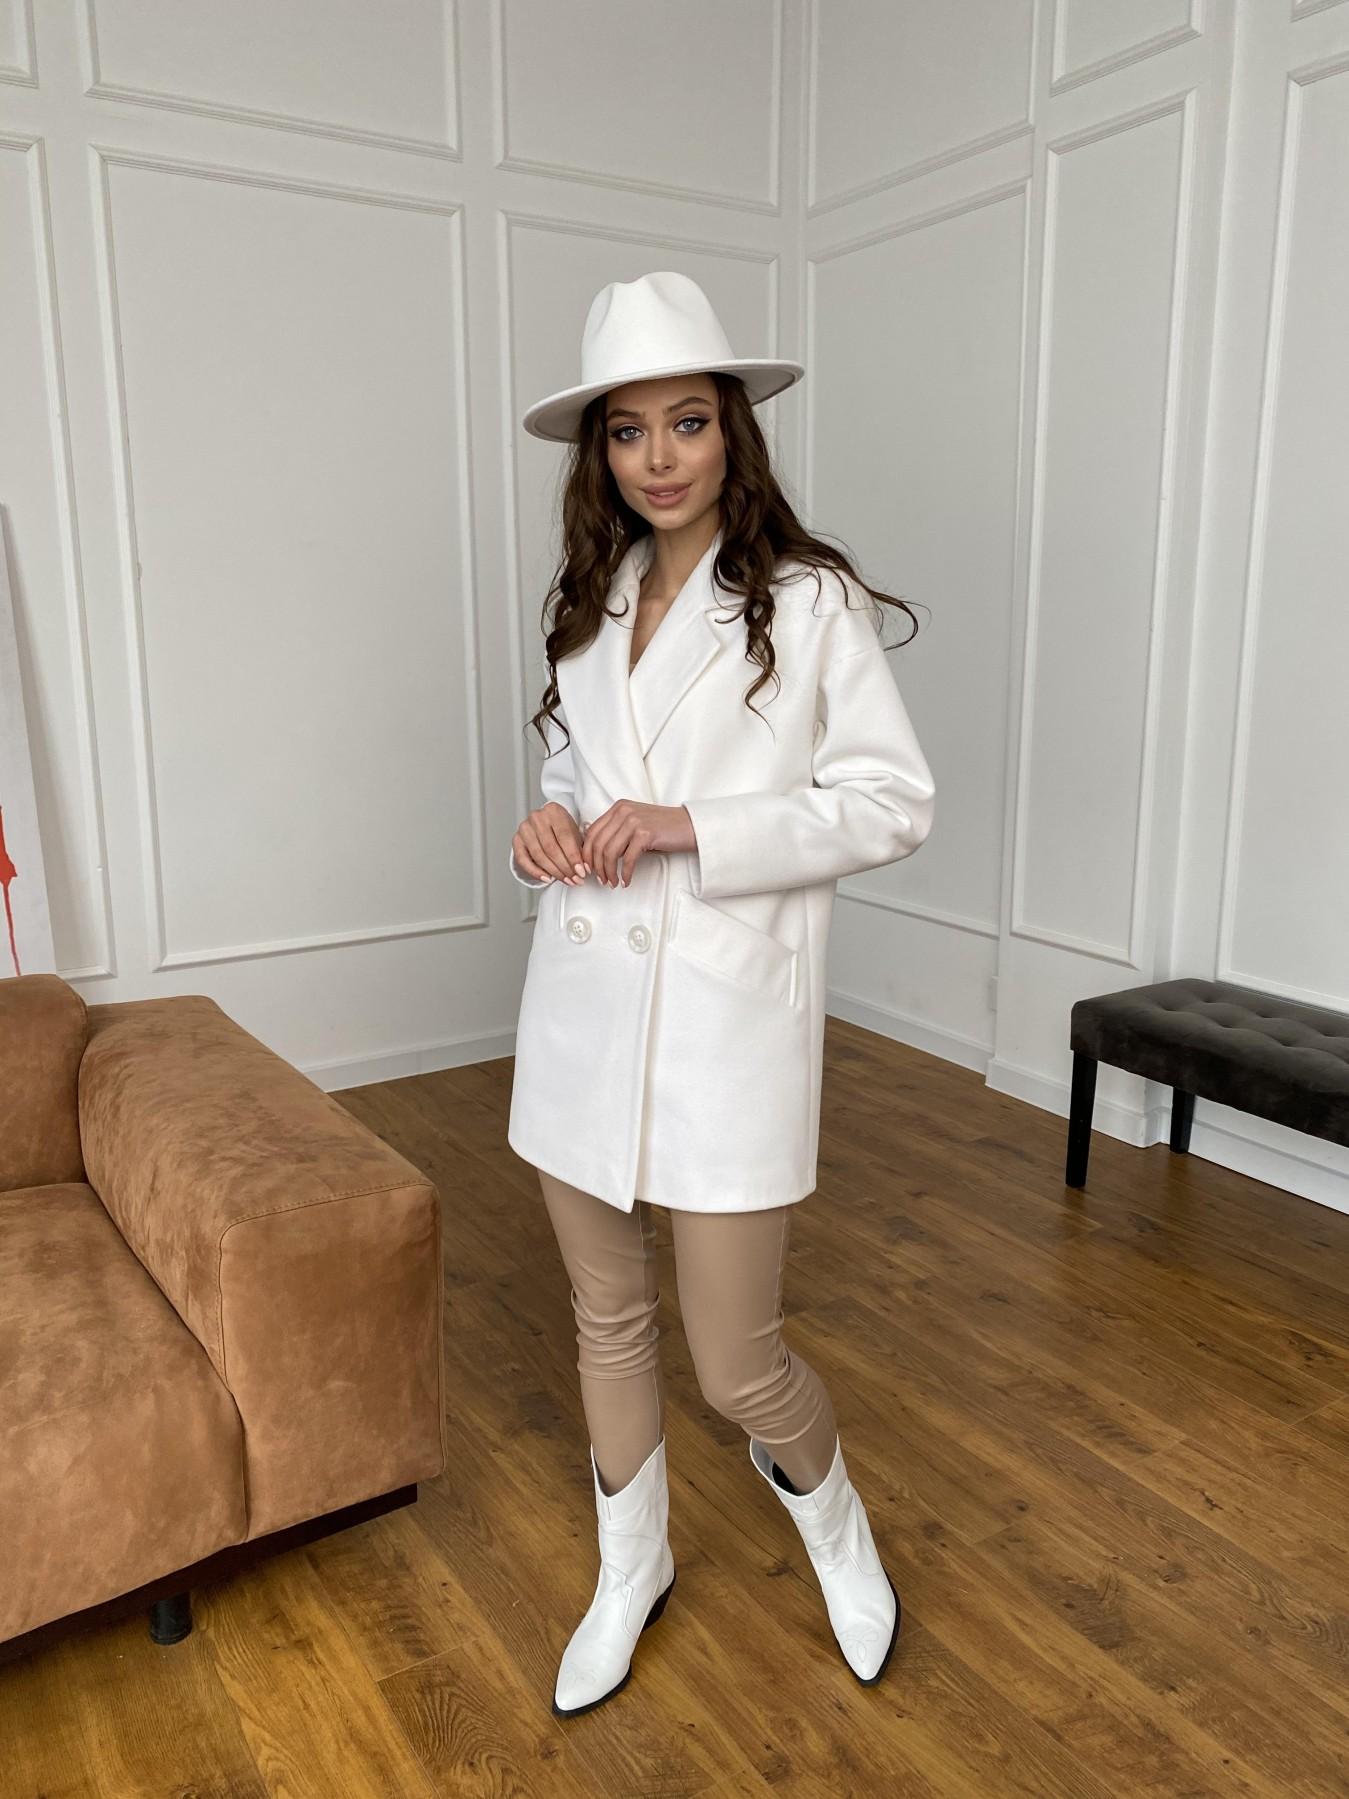 Бонд пальто из кашемира 10646 АРТ. 47495 Цвет: Молоко 1 - фото 6, интернет магазин tm-modus.ru